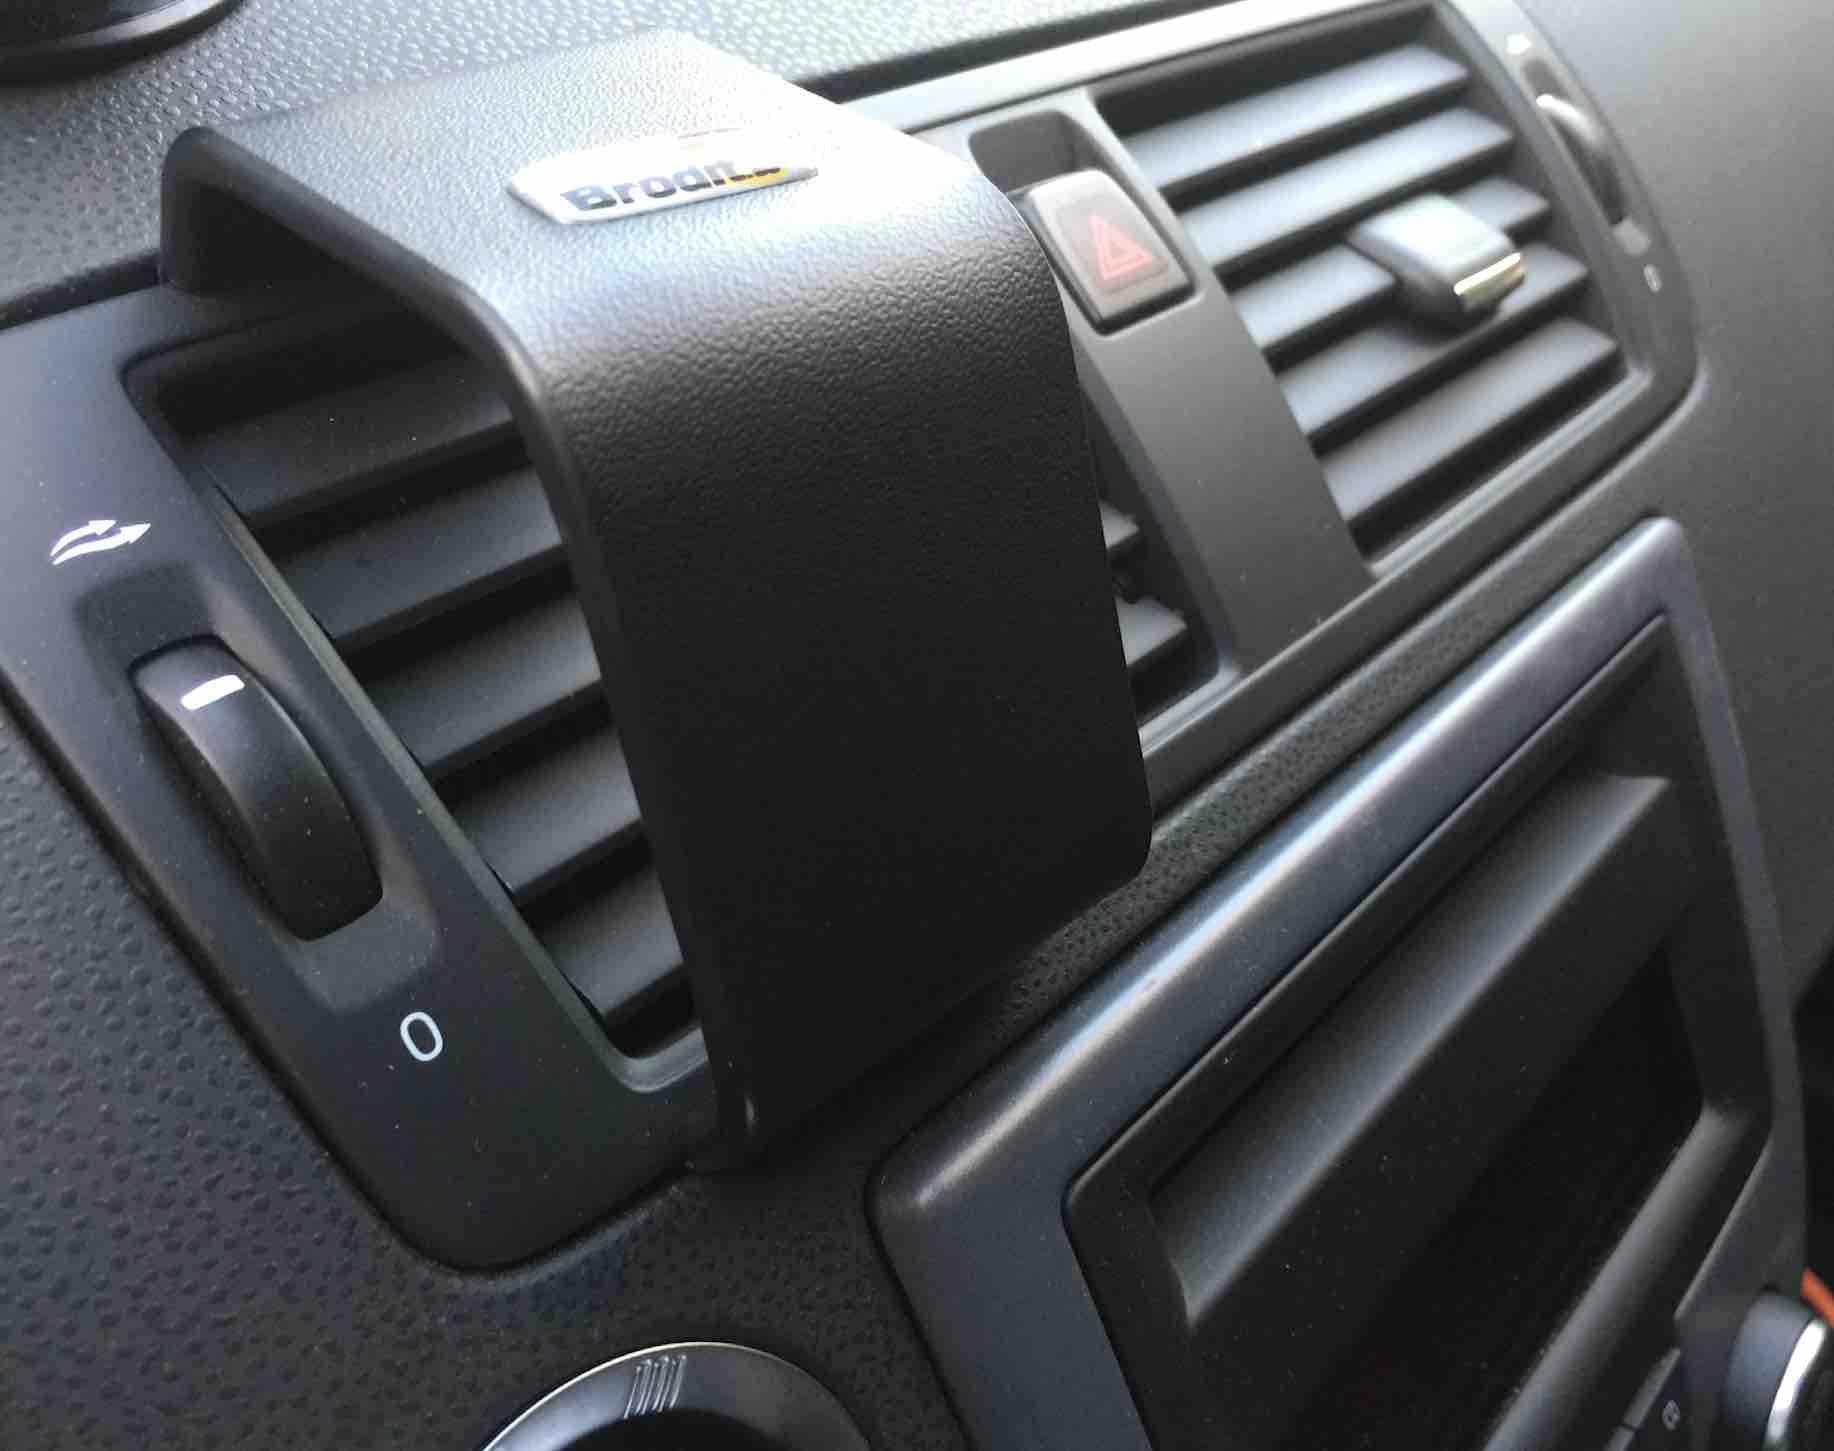 Supporto auto per iphone 6 plus di brodit la recensione - Porta navigatore auto ...